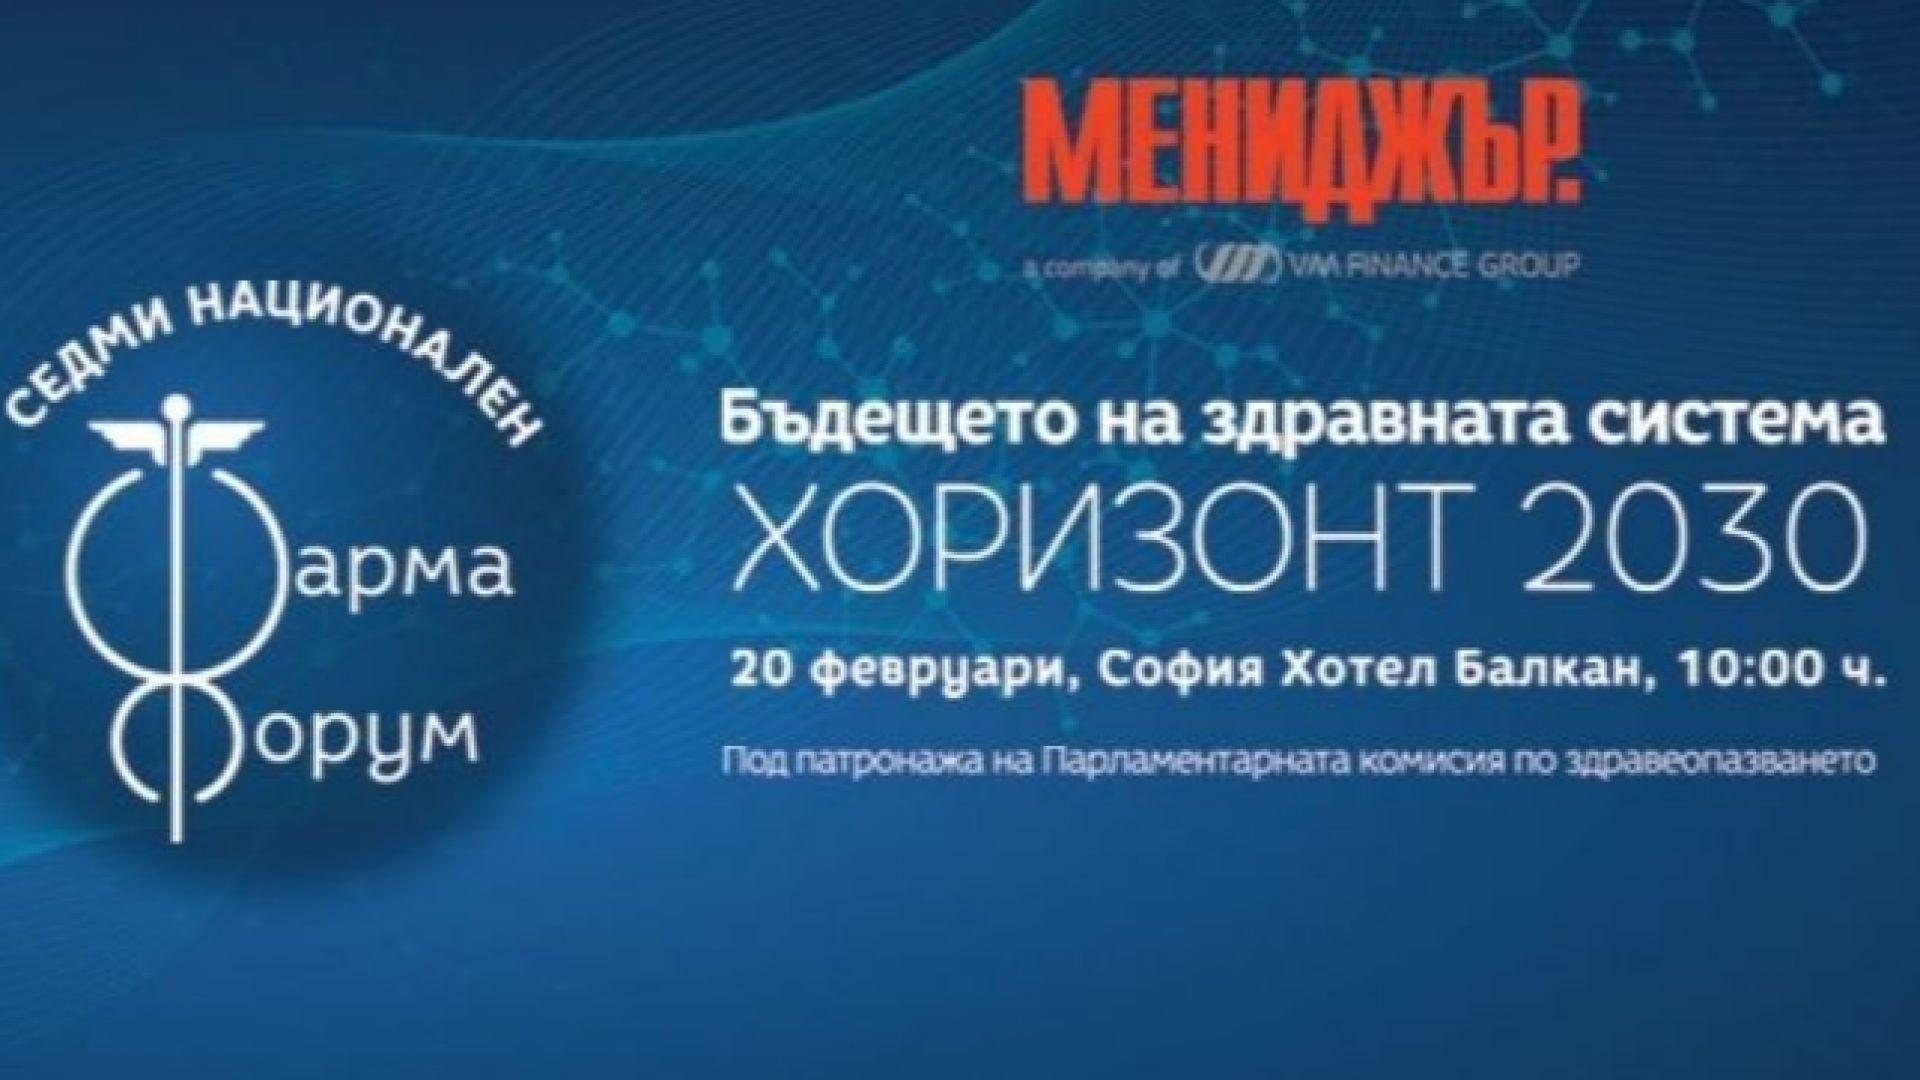 Държава и експерти чертаят пътната карта на здравната система в България през следващите 10 г.